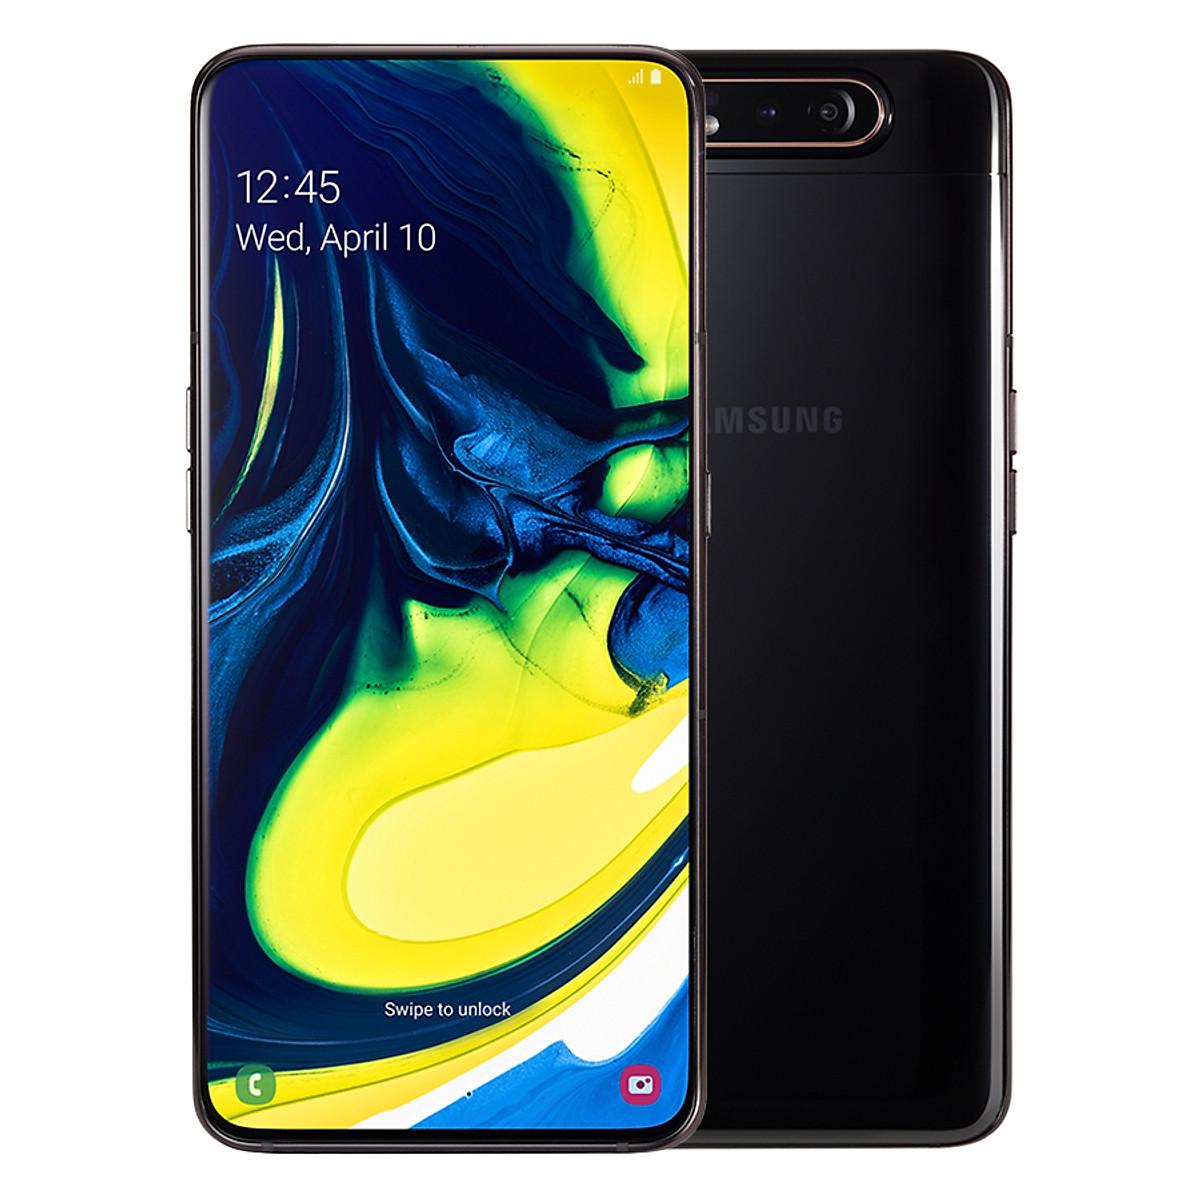 TOP Các điện thoại Samsung Galaxy giảm giá HOT